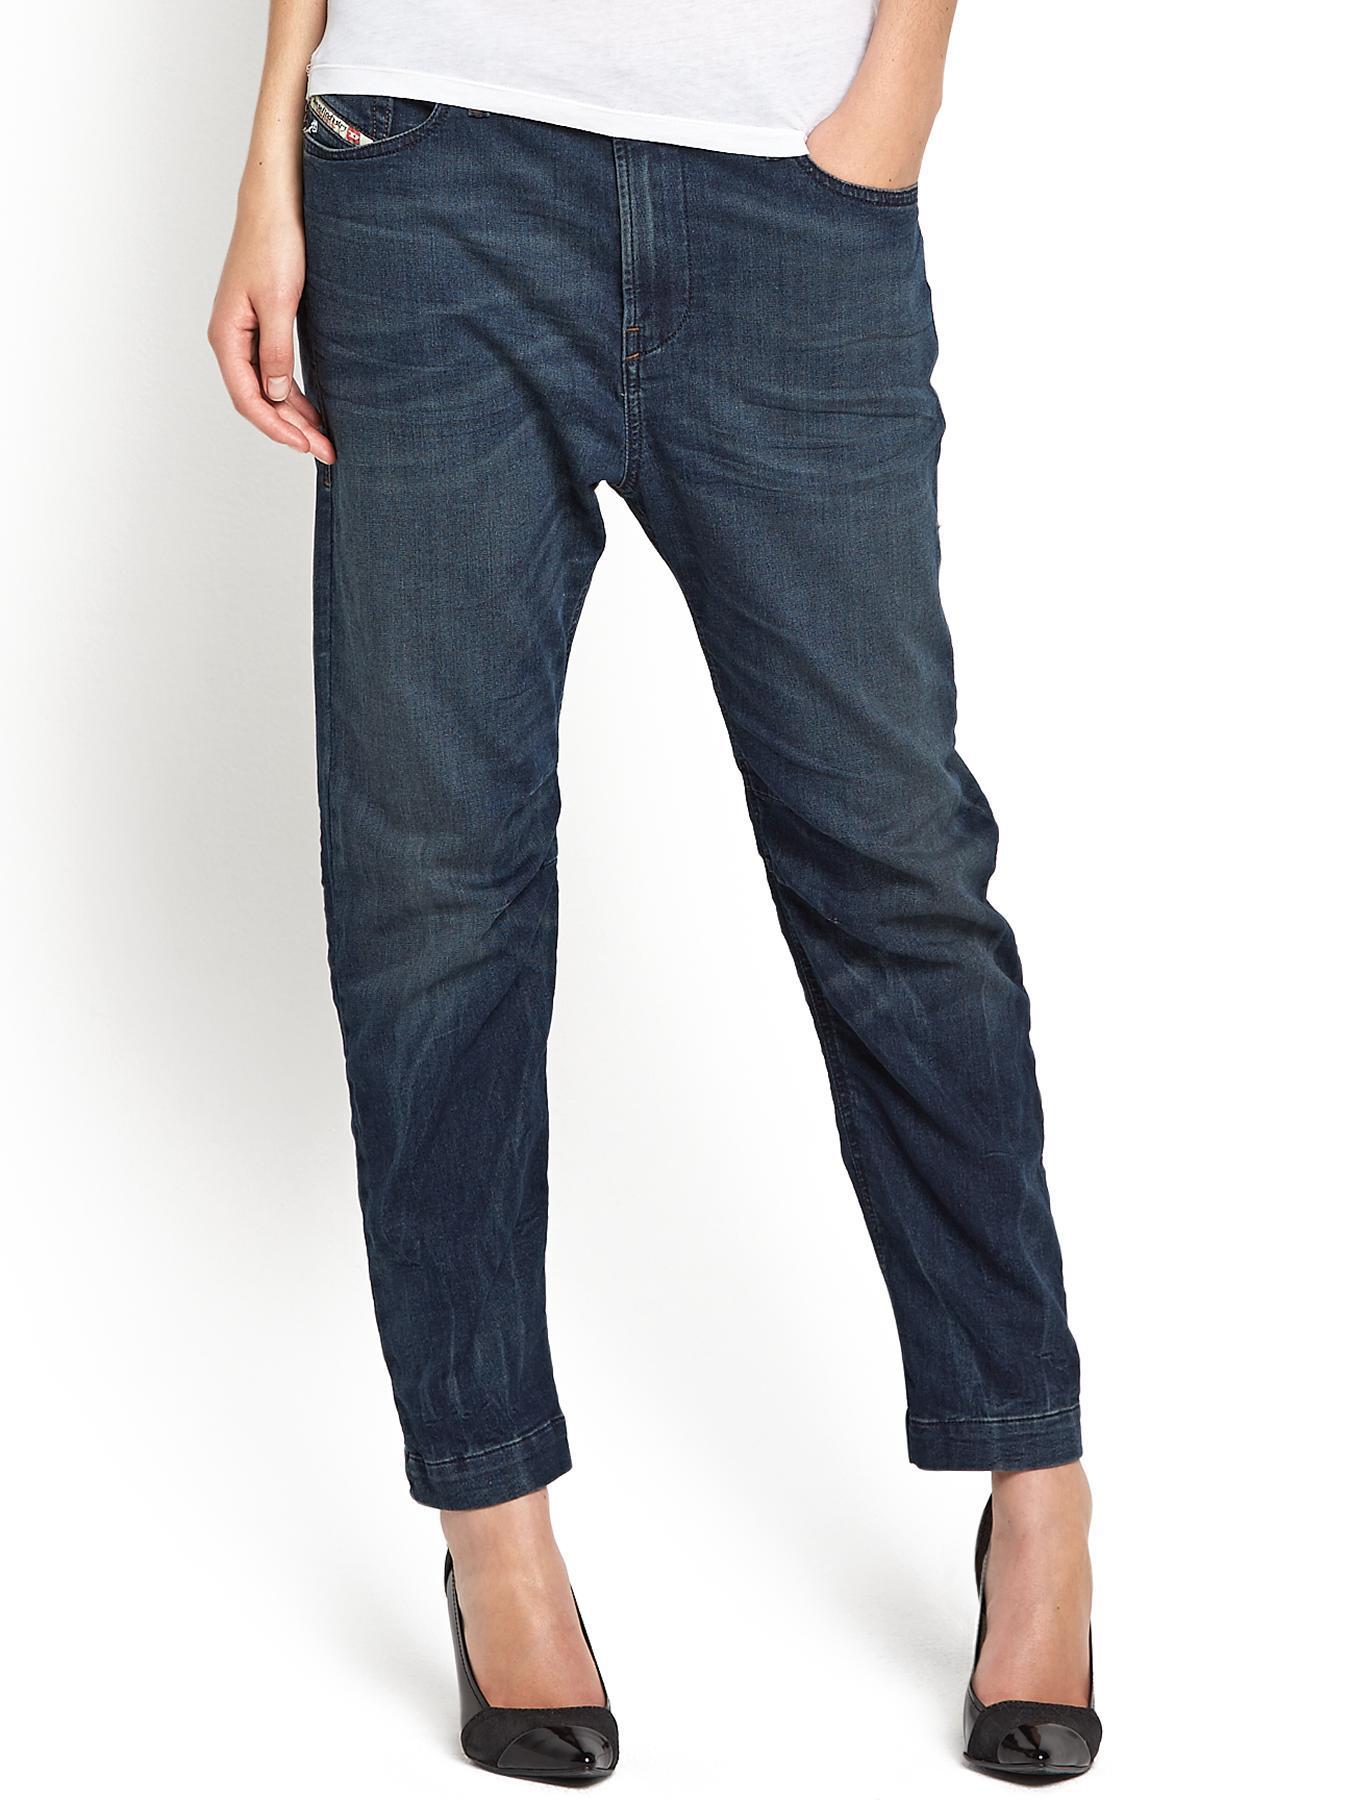 Eazee Jogg Jersey Sweat Jeans